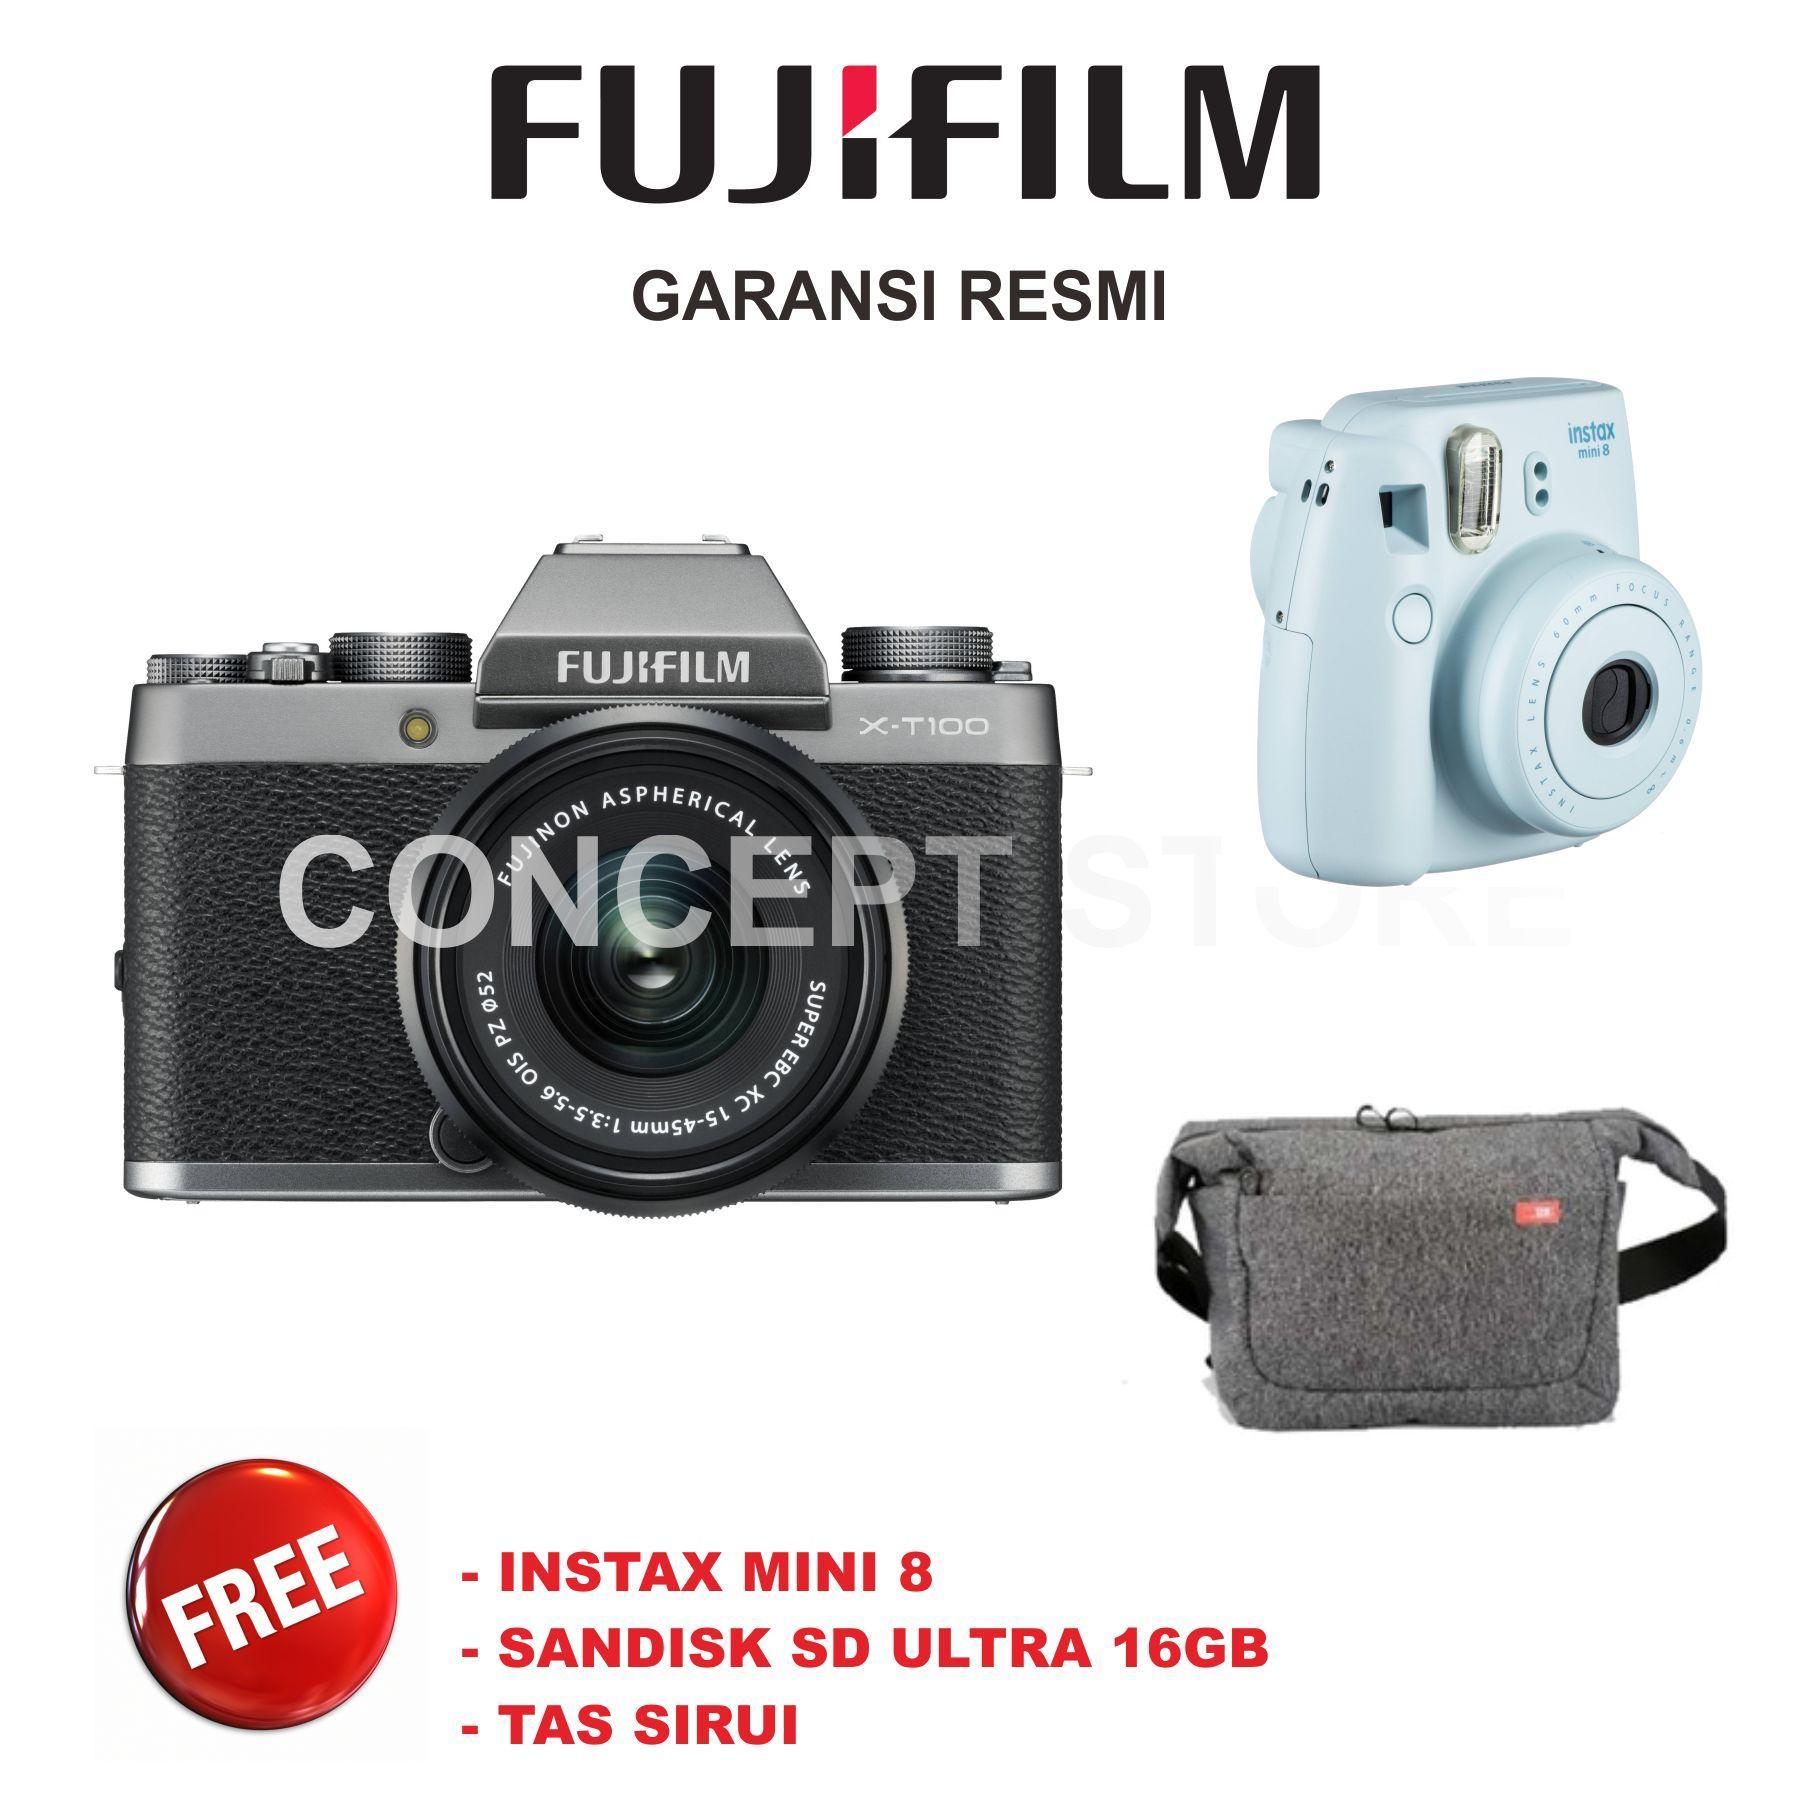 Kelebihan Fujifilm X T2 Kit Xf 18 55mm F 2 8 4 R Lm Ois Kamera T20 F28 Black 35mm F2 Sp2 T100 15 45mm Mirrorless Xt100